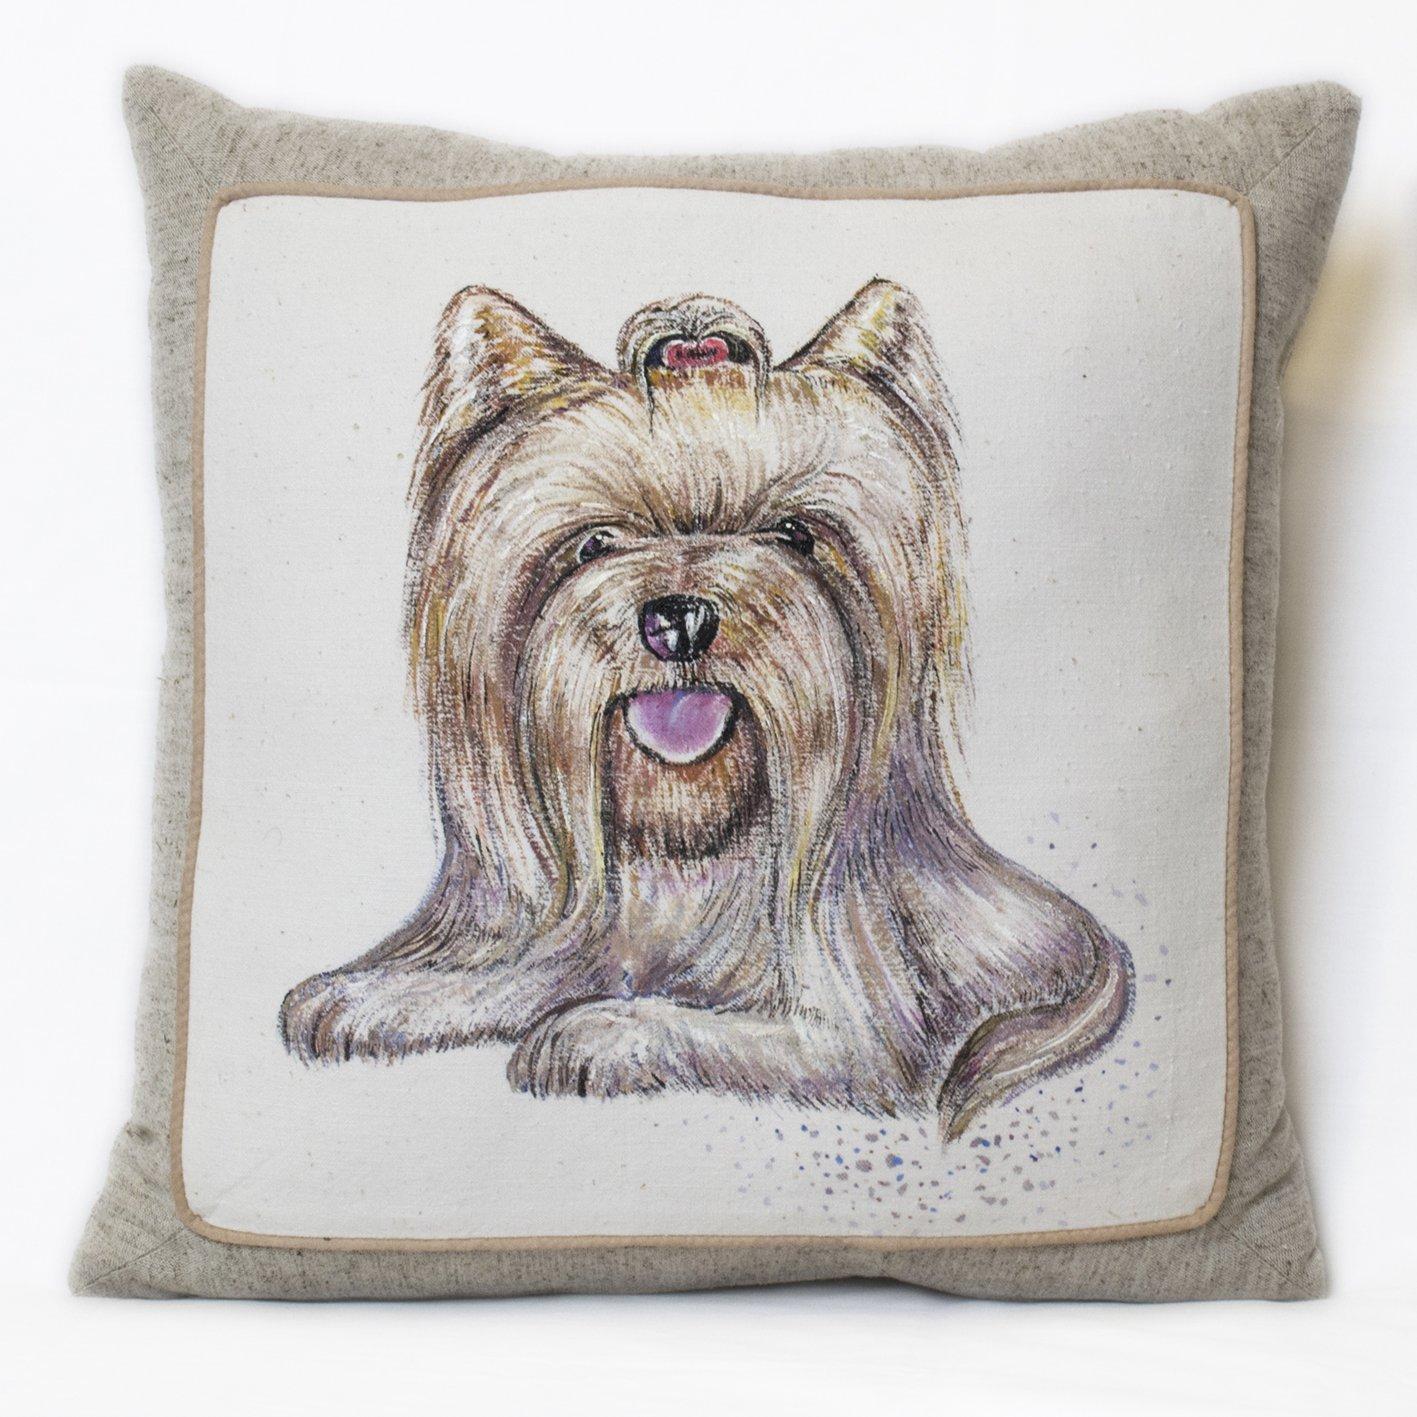 Hecho a mano almohada de algodón relleno hipoalergénico York perro imagen decorativa cama cojín: Amazon.es: Hogar